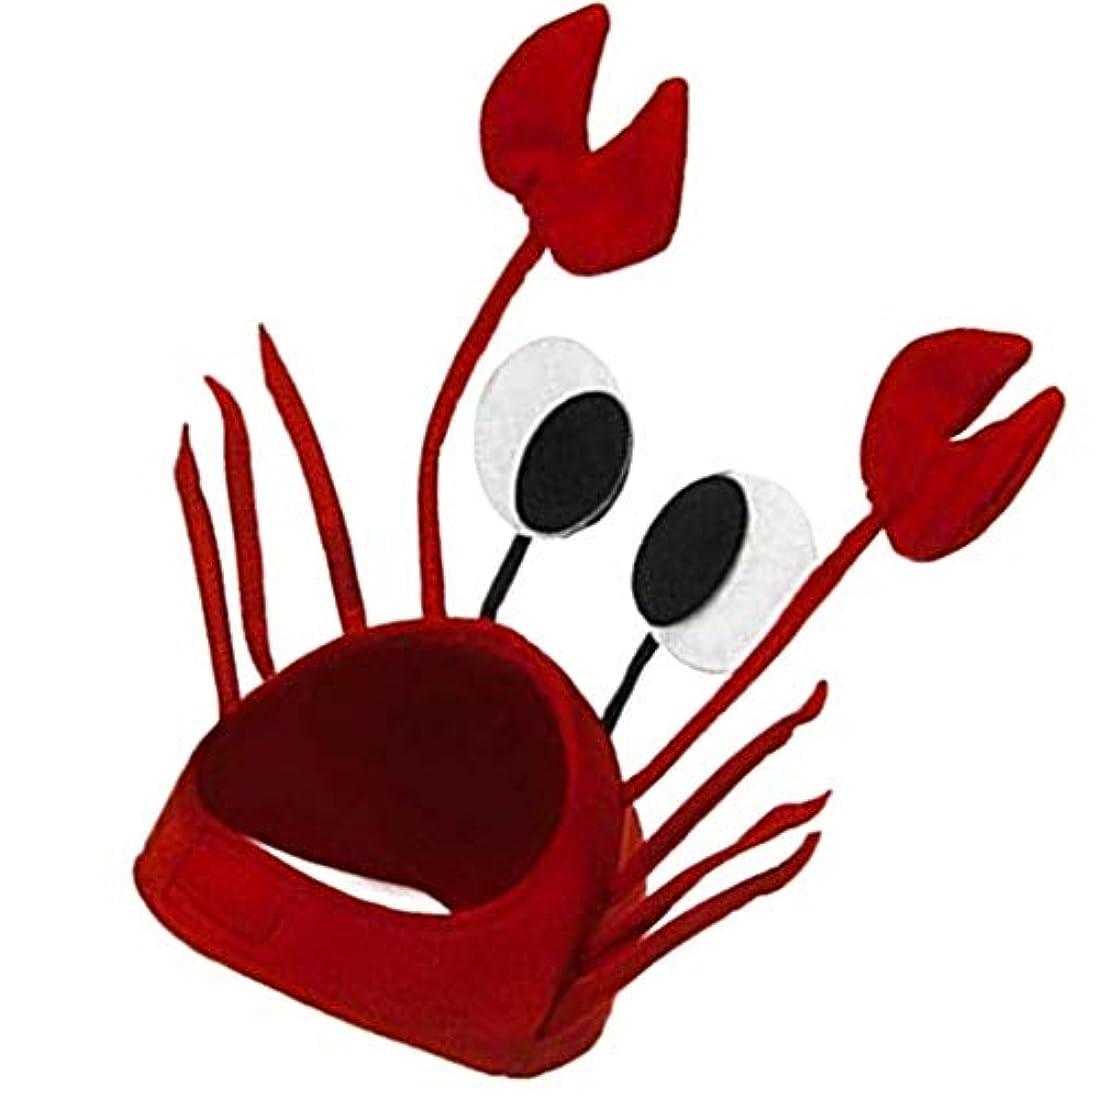 TopFires 女の子 カニハット 幼稚園ボーイズ 子供の日 ビーニーキャップ おかしい 休日の小道具 クリスマスのギフト